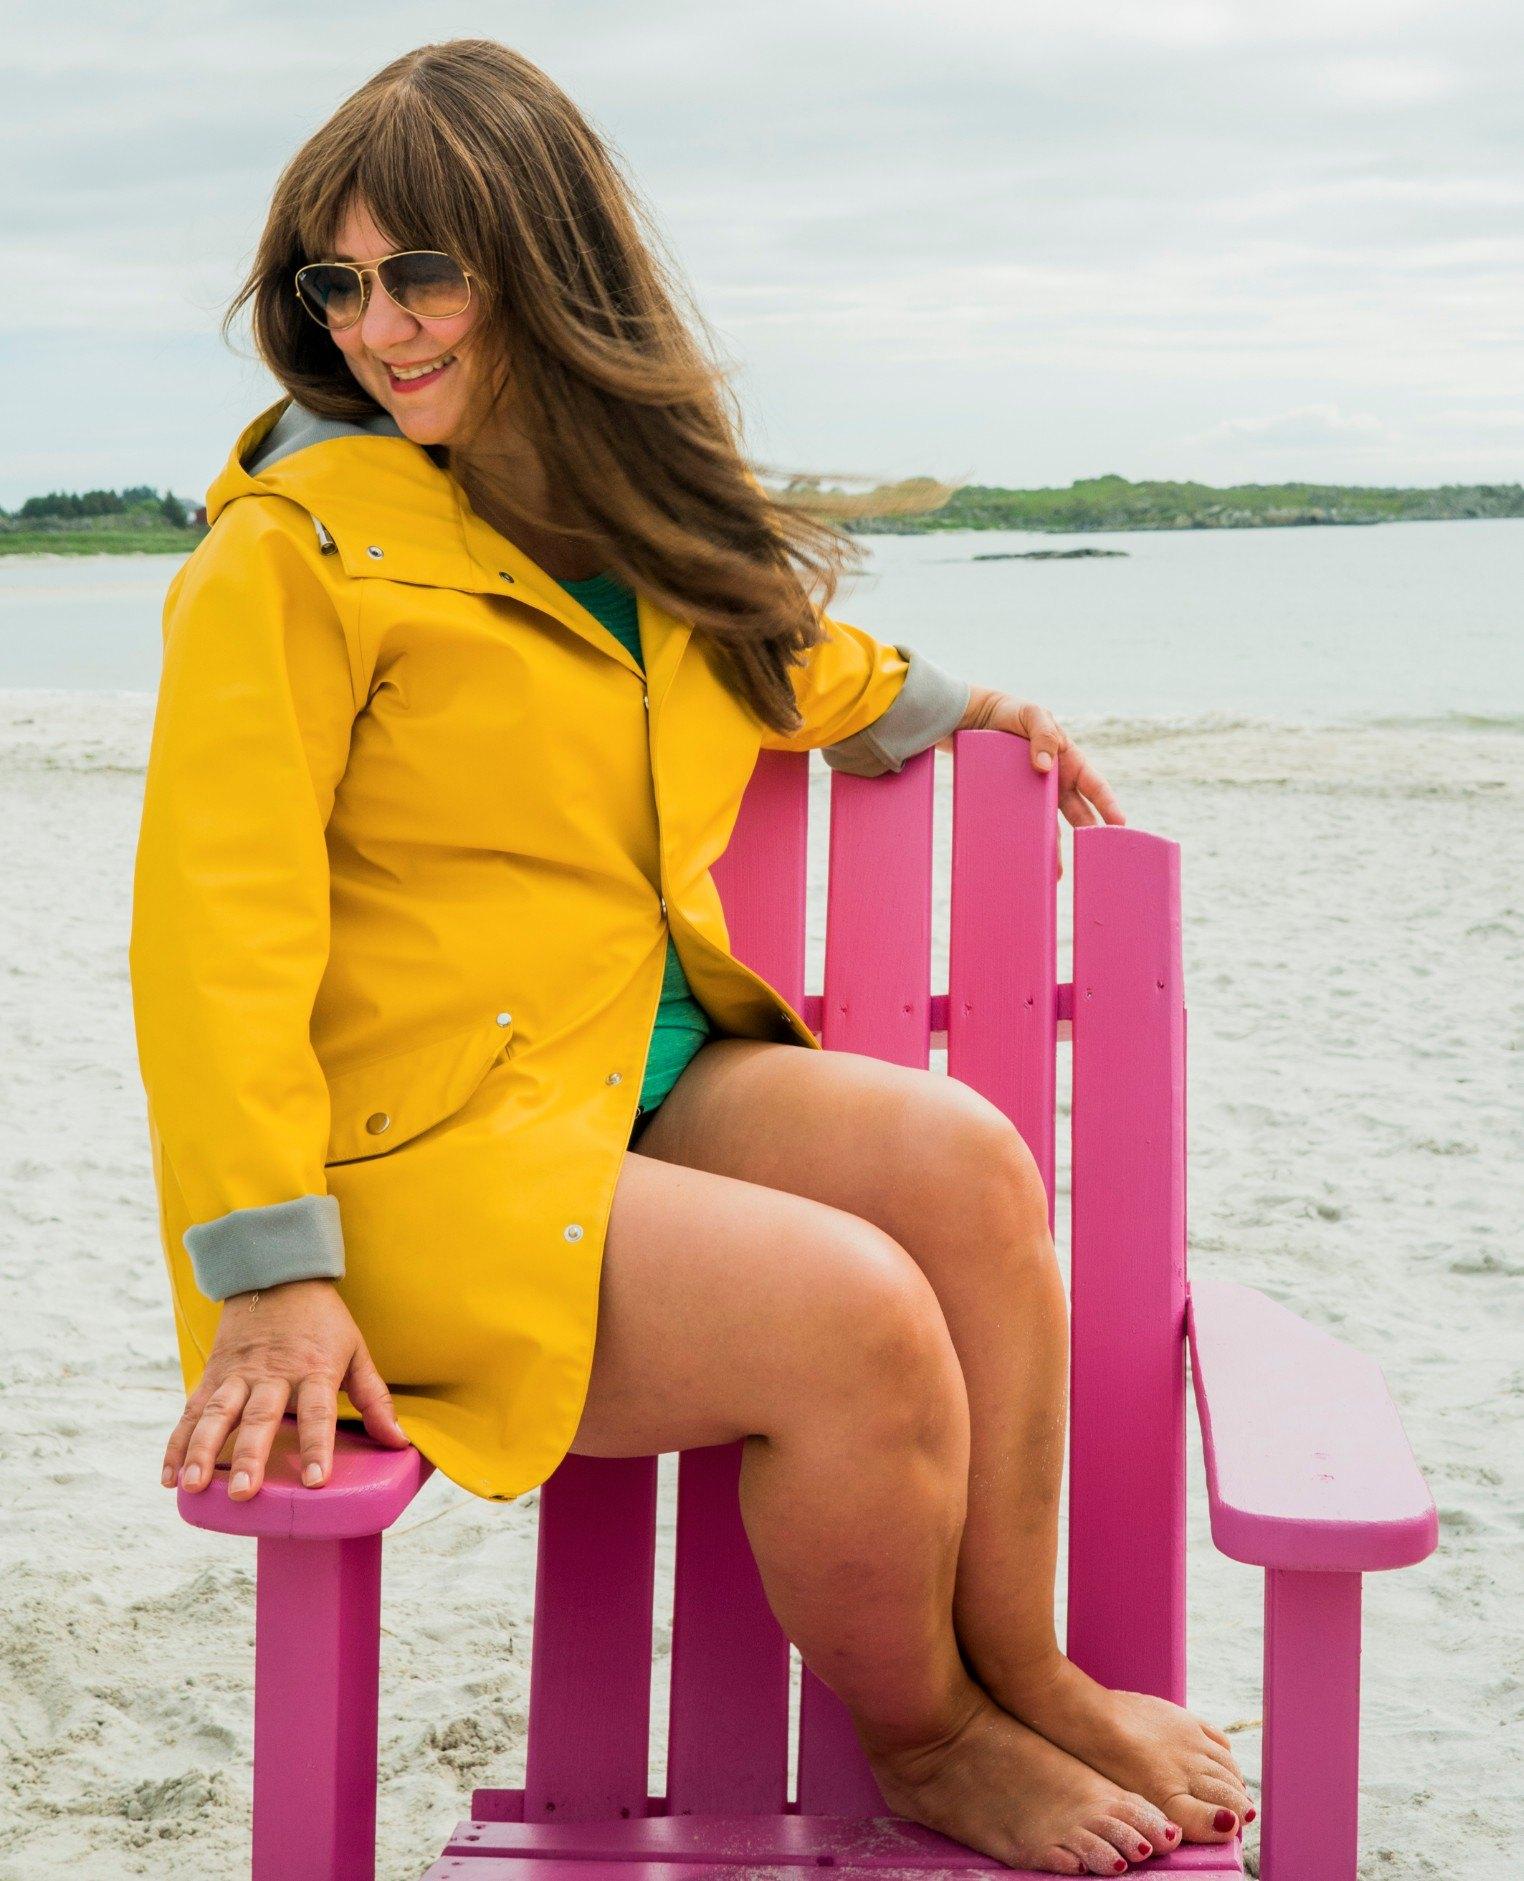 Silje sitter i badedrakt og gul regnjakke på en rosa stol. Hun har solbriller på og håret flommer ut over skulderene.